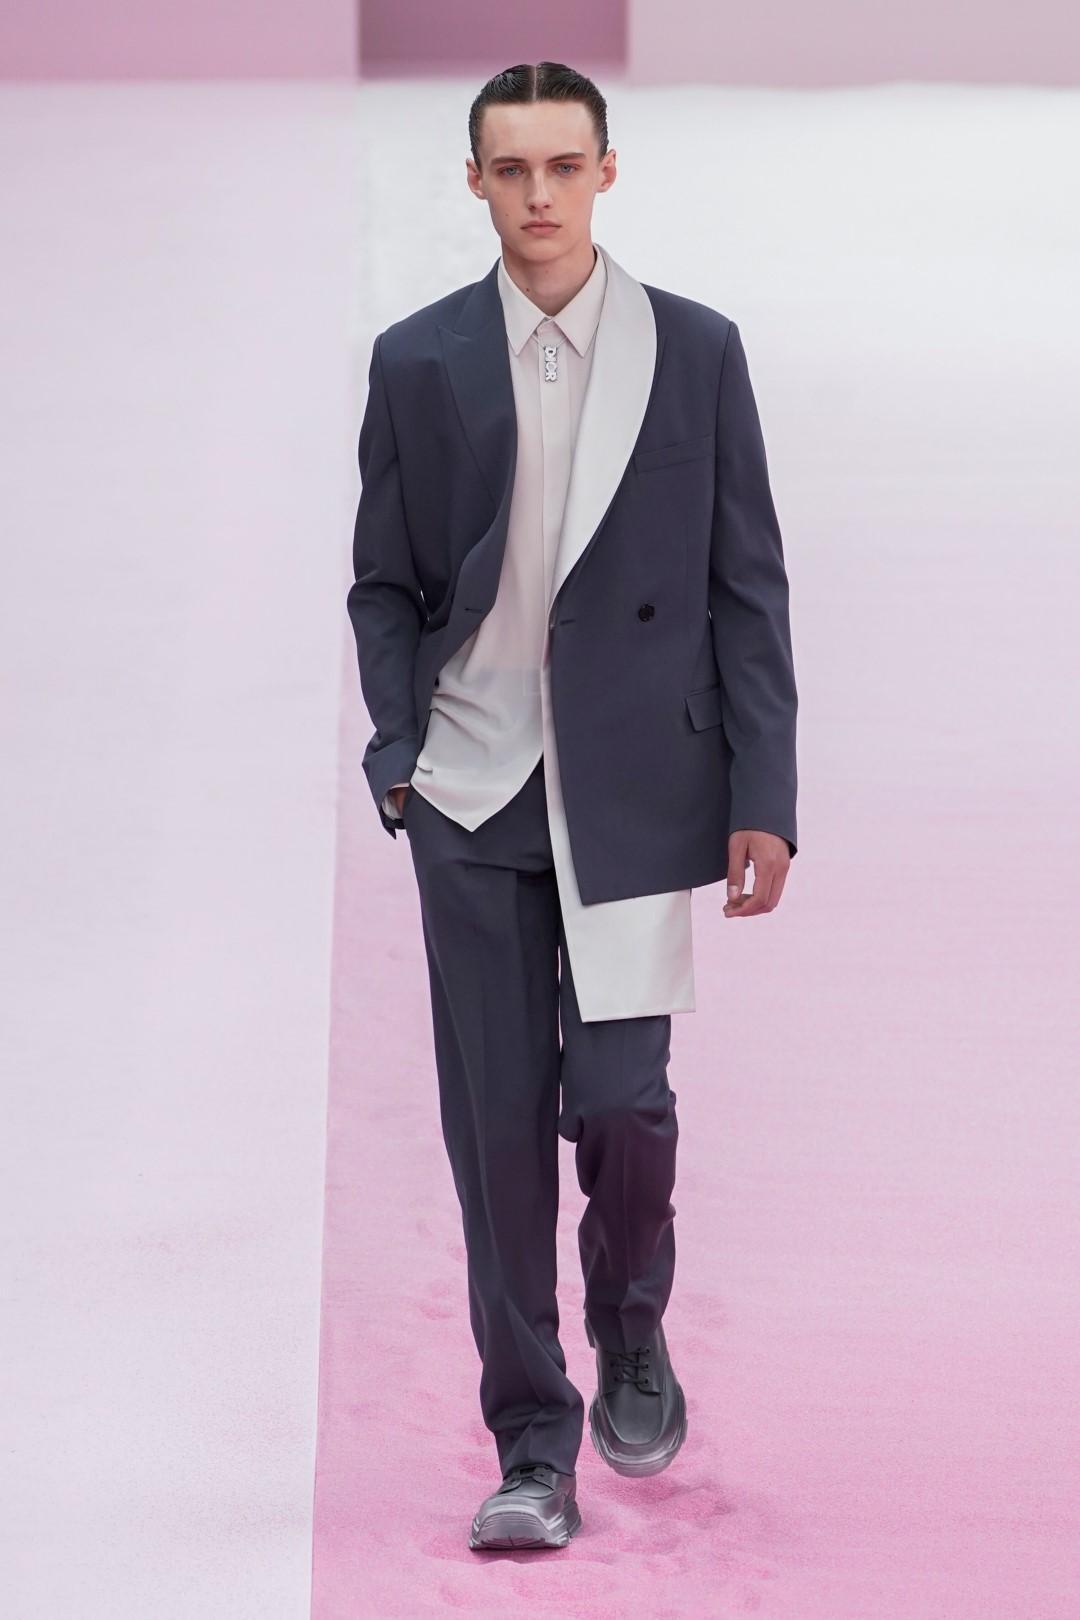 Dior, Vuitton, Hermès e Co: l'estate dell'uomo libero e consapevole